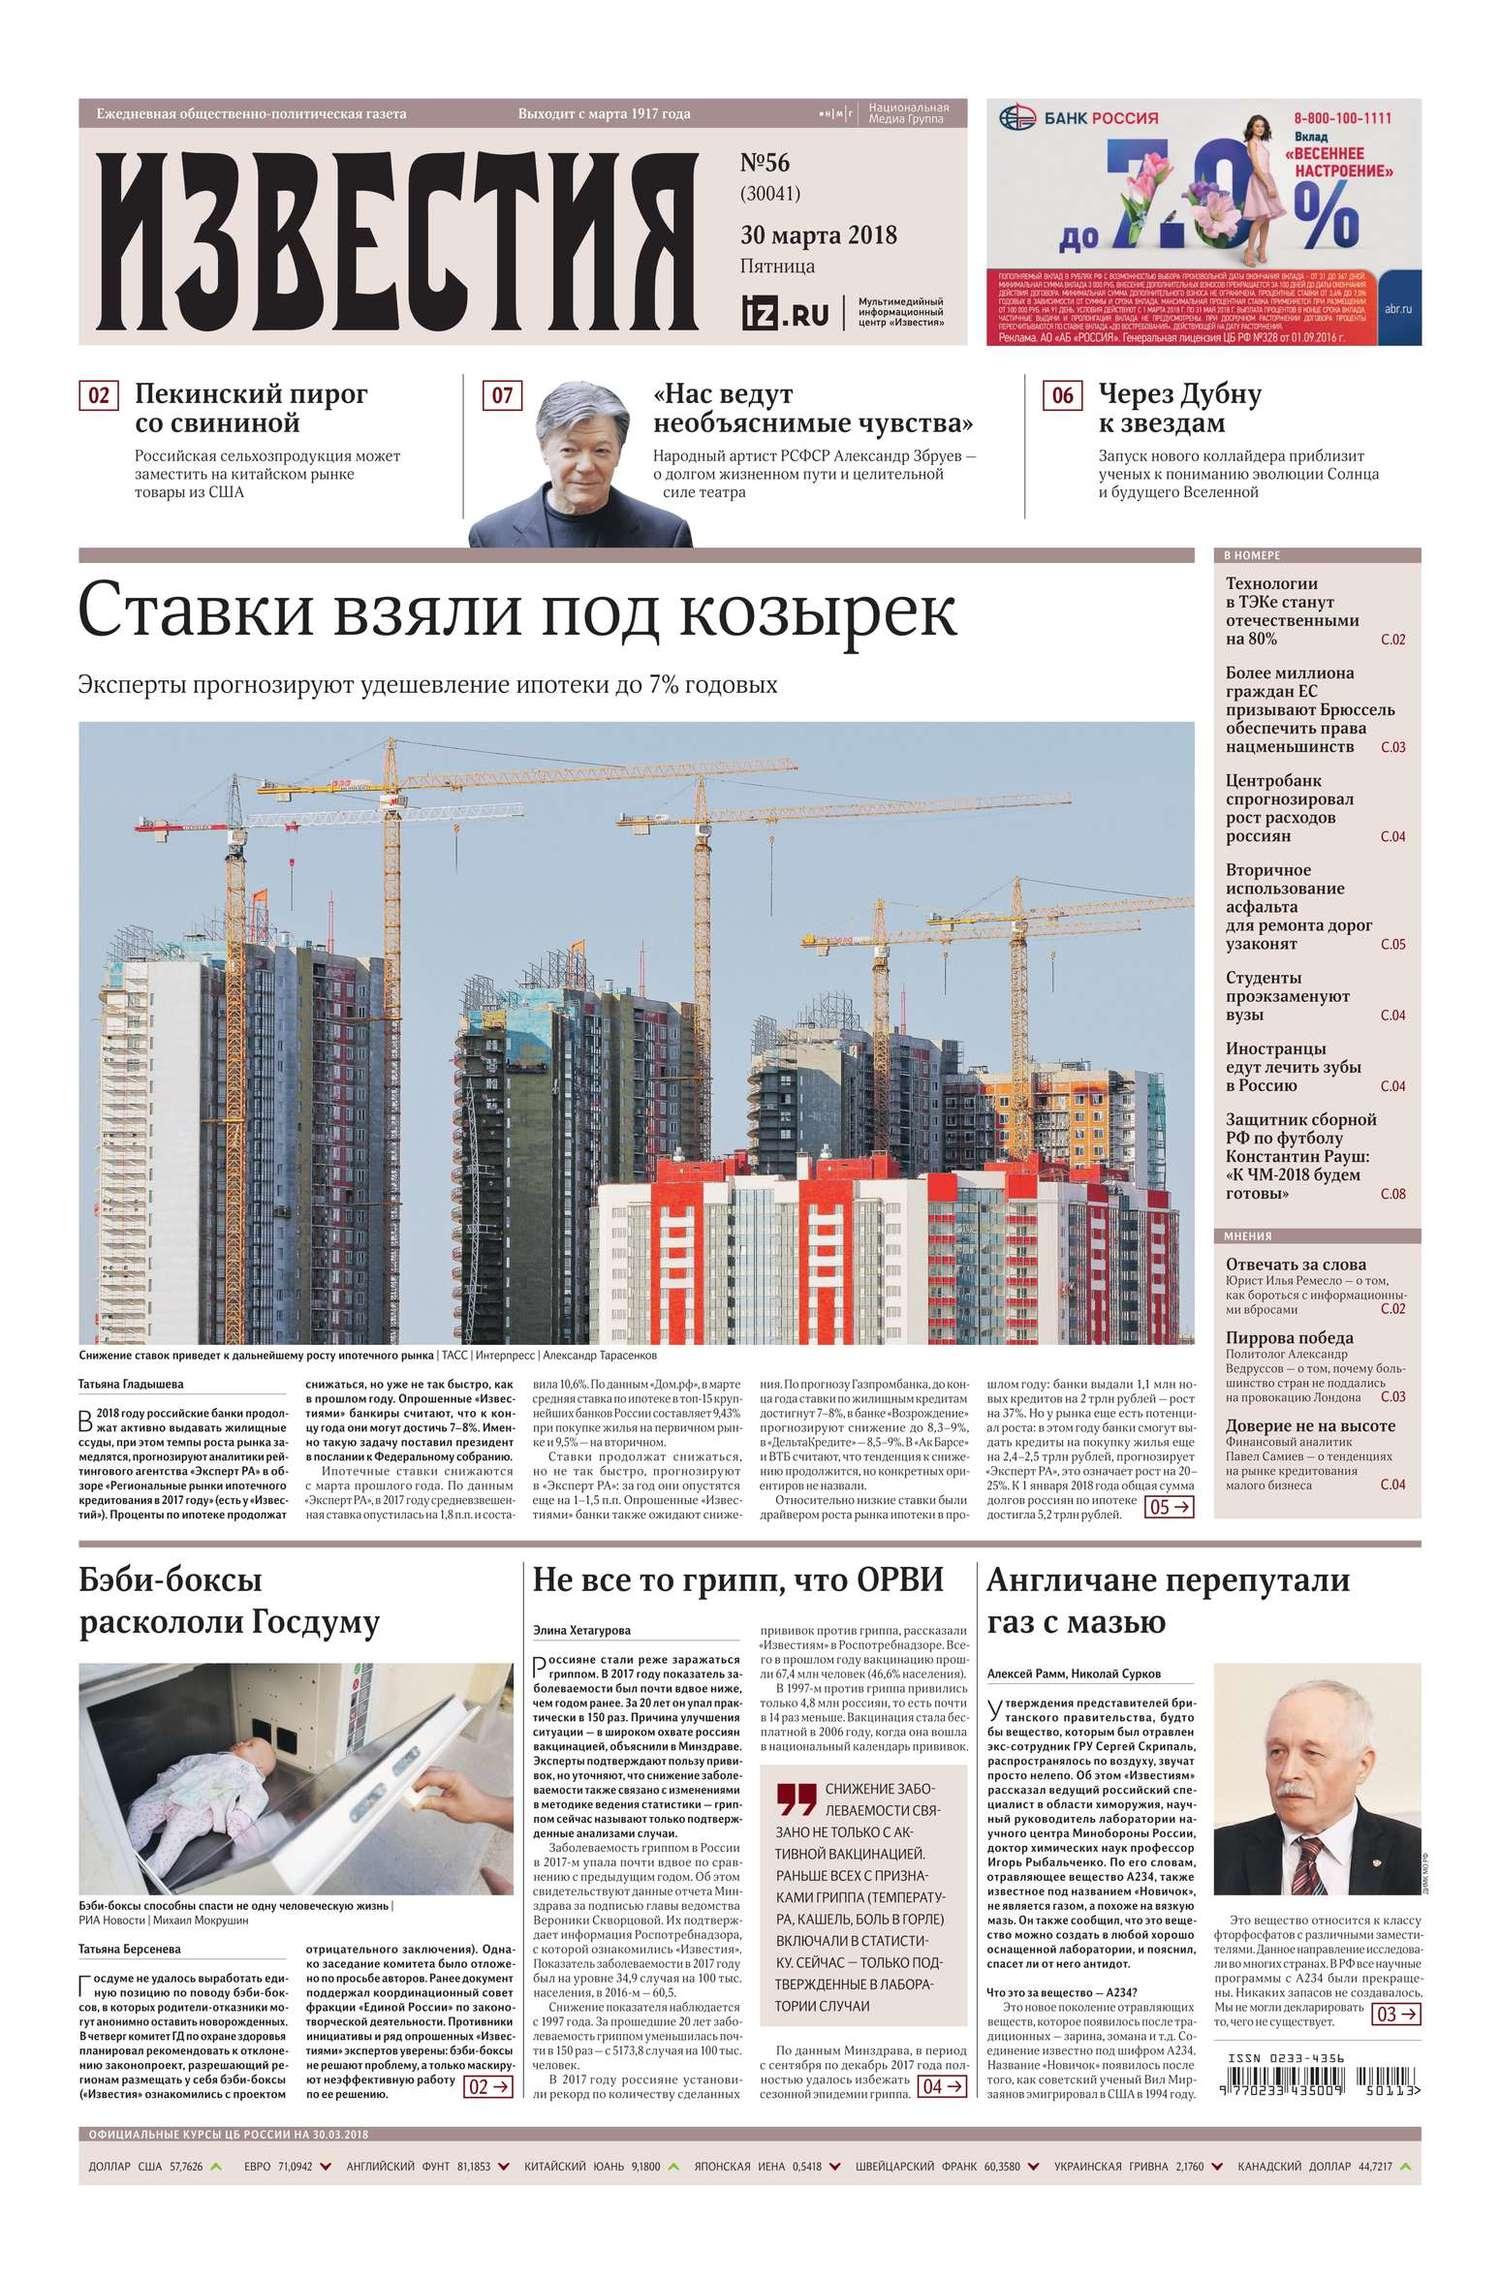 Редакция газеты Известия. Известия 56-2018